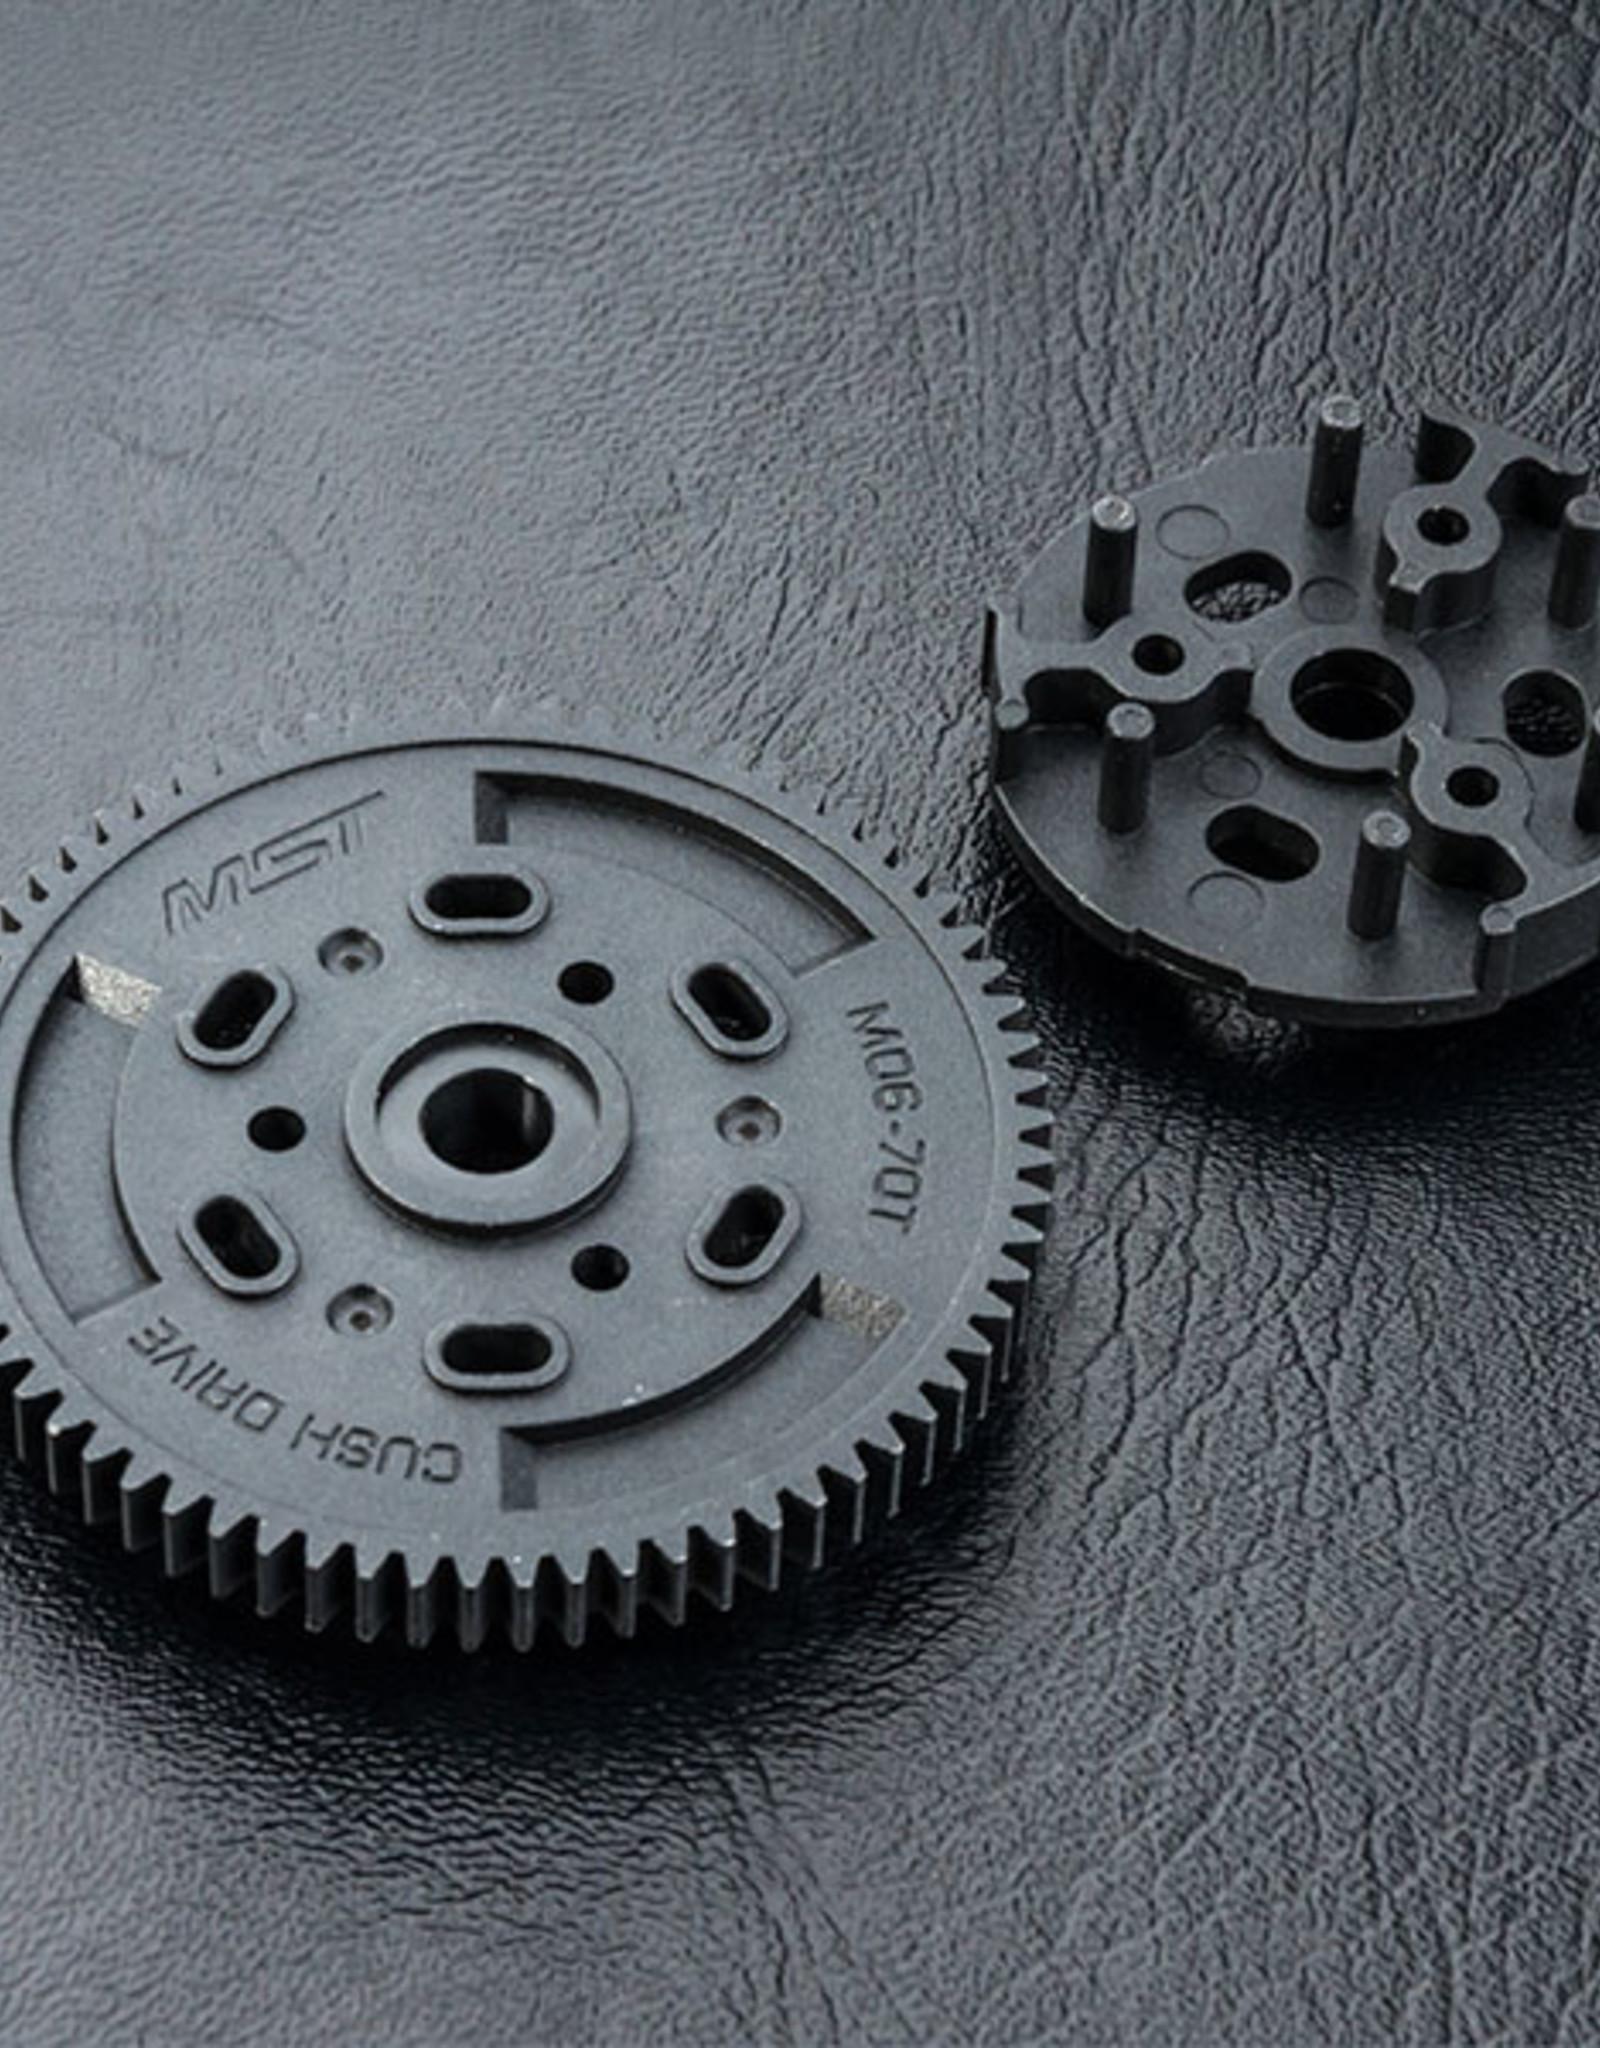 MST MXSPD230088 Cush drive rubber gear M06-70T 230088 by MST